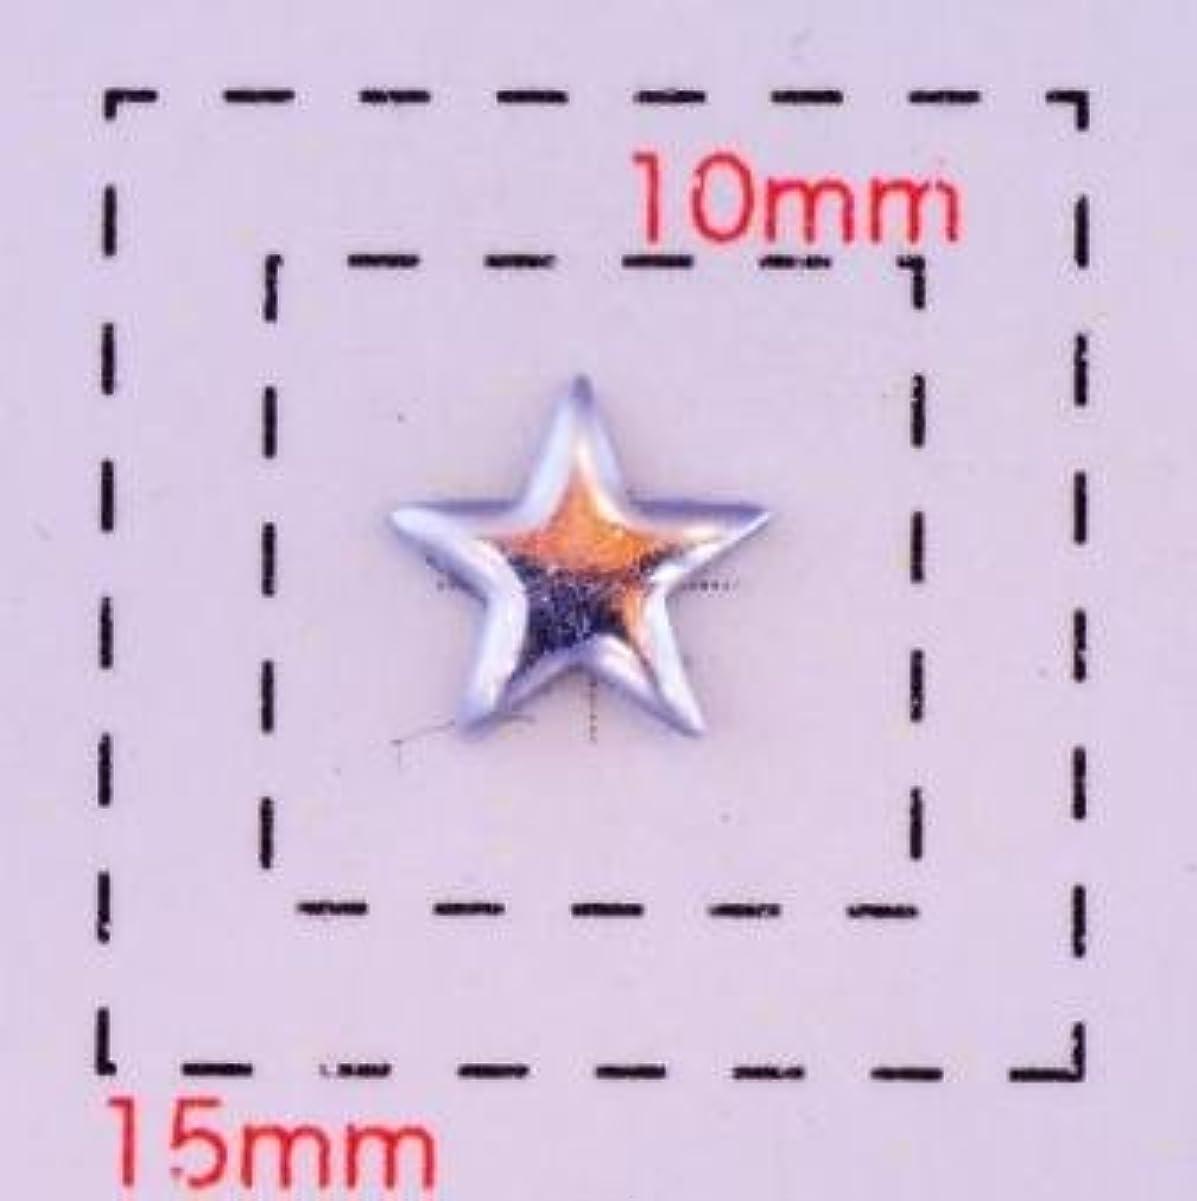 にじみ出るライドペレット星型カラフルスタッズ6ミリ(星)《ネイル?デコ電用メタルパーツ》シルバー10個入